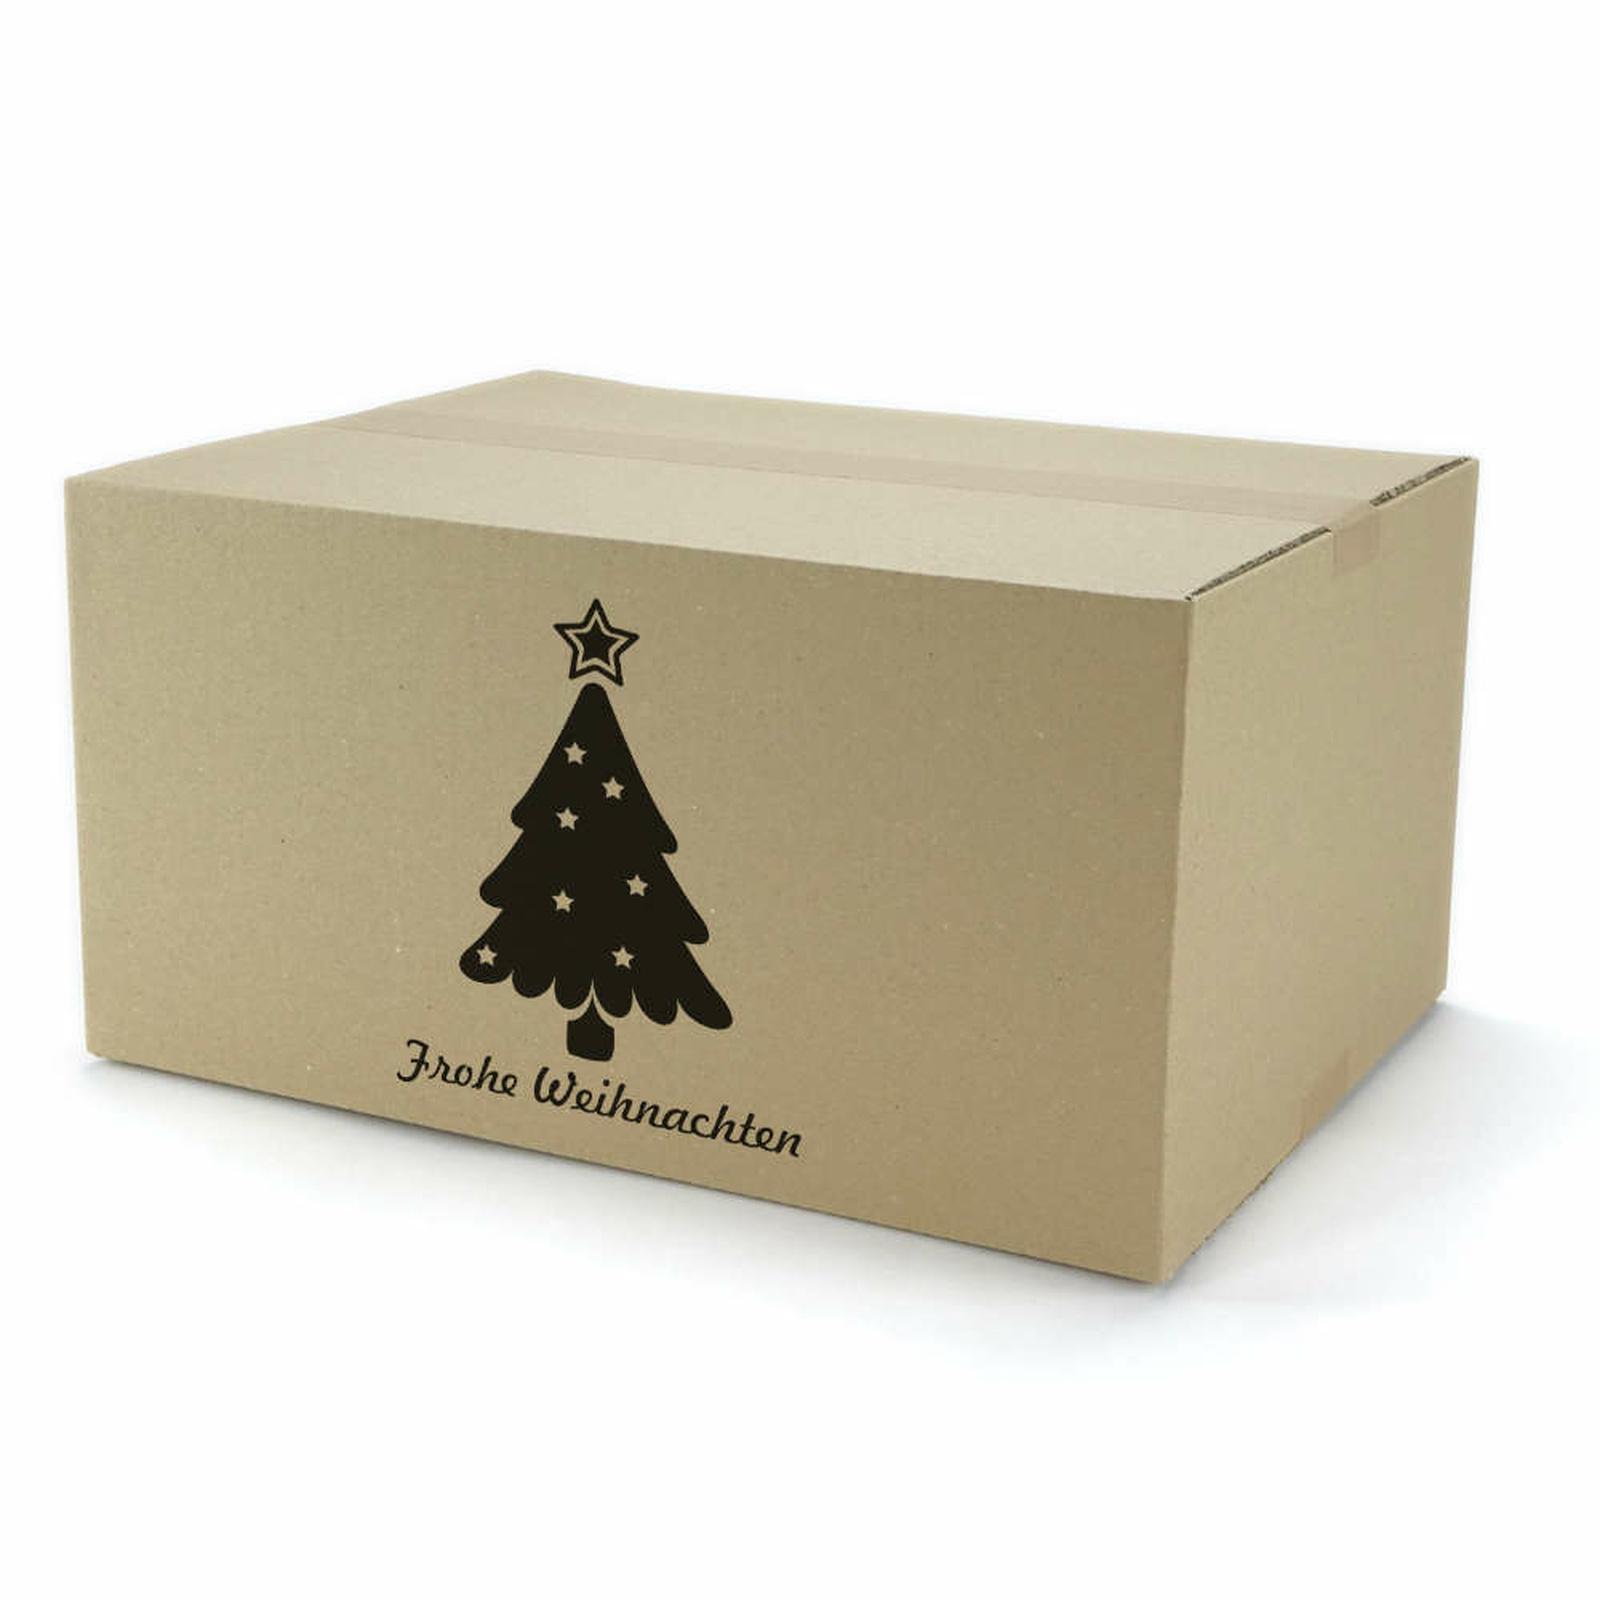 einwellige kartons 400x300x200 mm mit weihnachtsmotiv. Black Bedroom Furniture Sets. Home Design Ideas